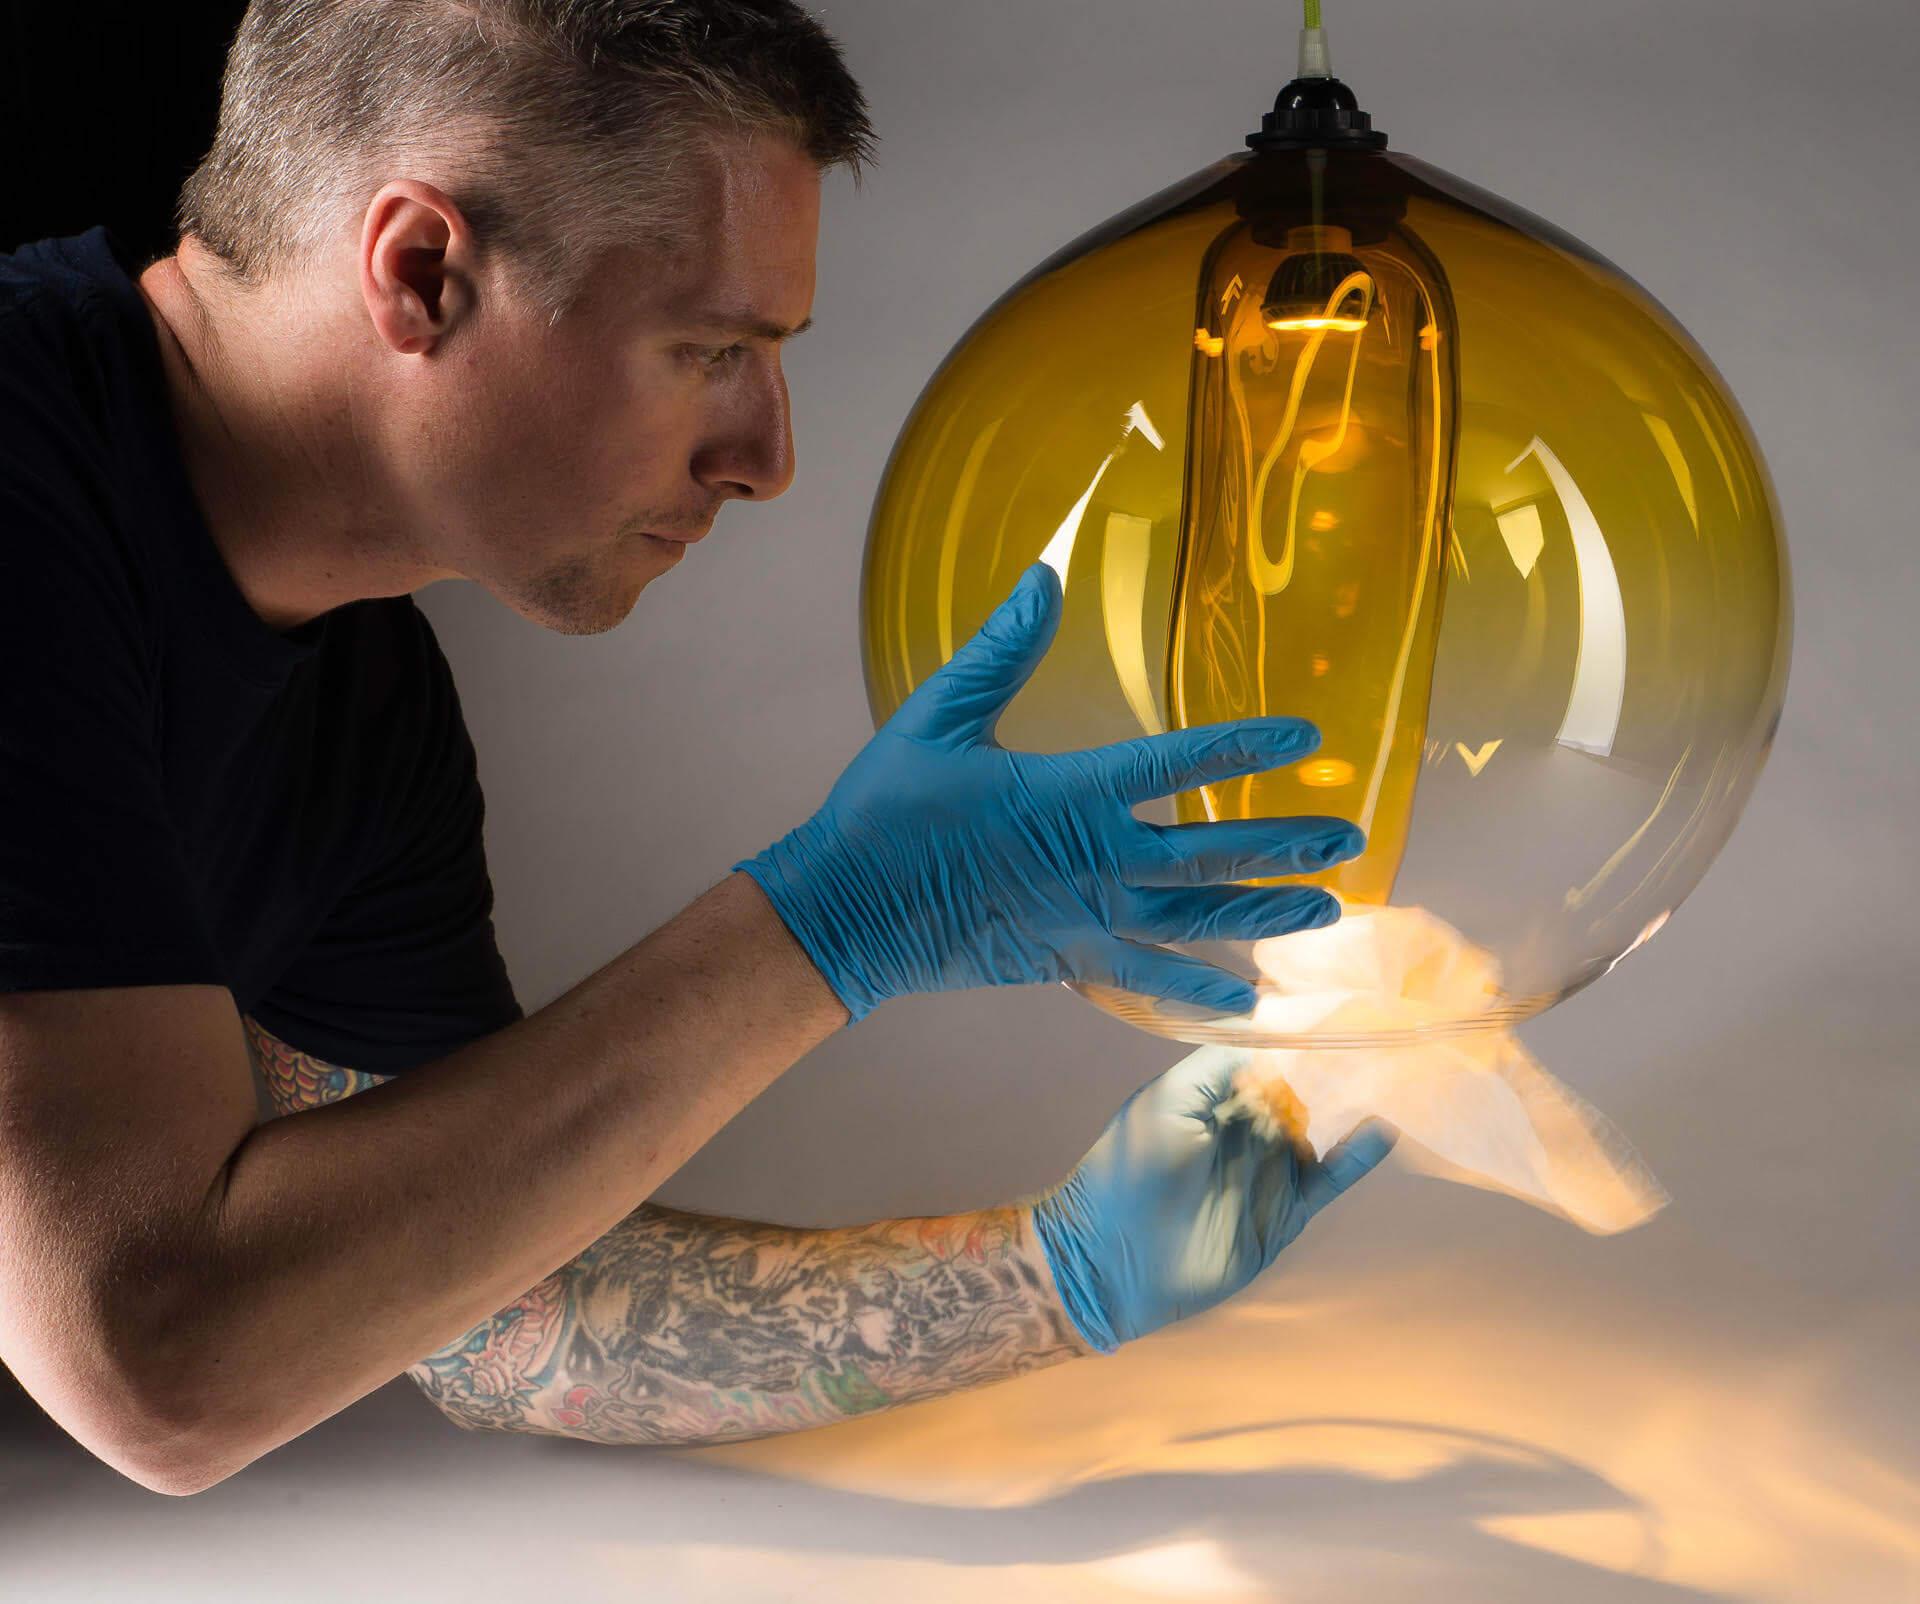 Patrick Primeau, souffleur de verre, nettoie un luminaire en verre soufflé fabriqué à l'atelier de verre Welmo